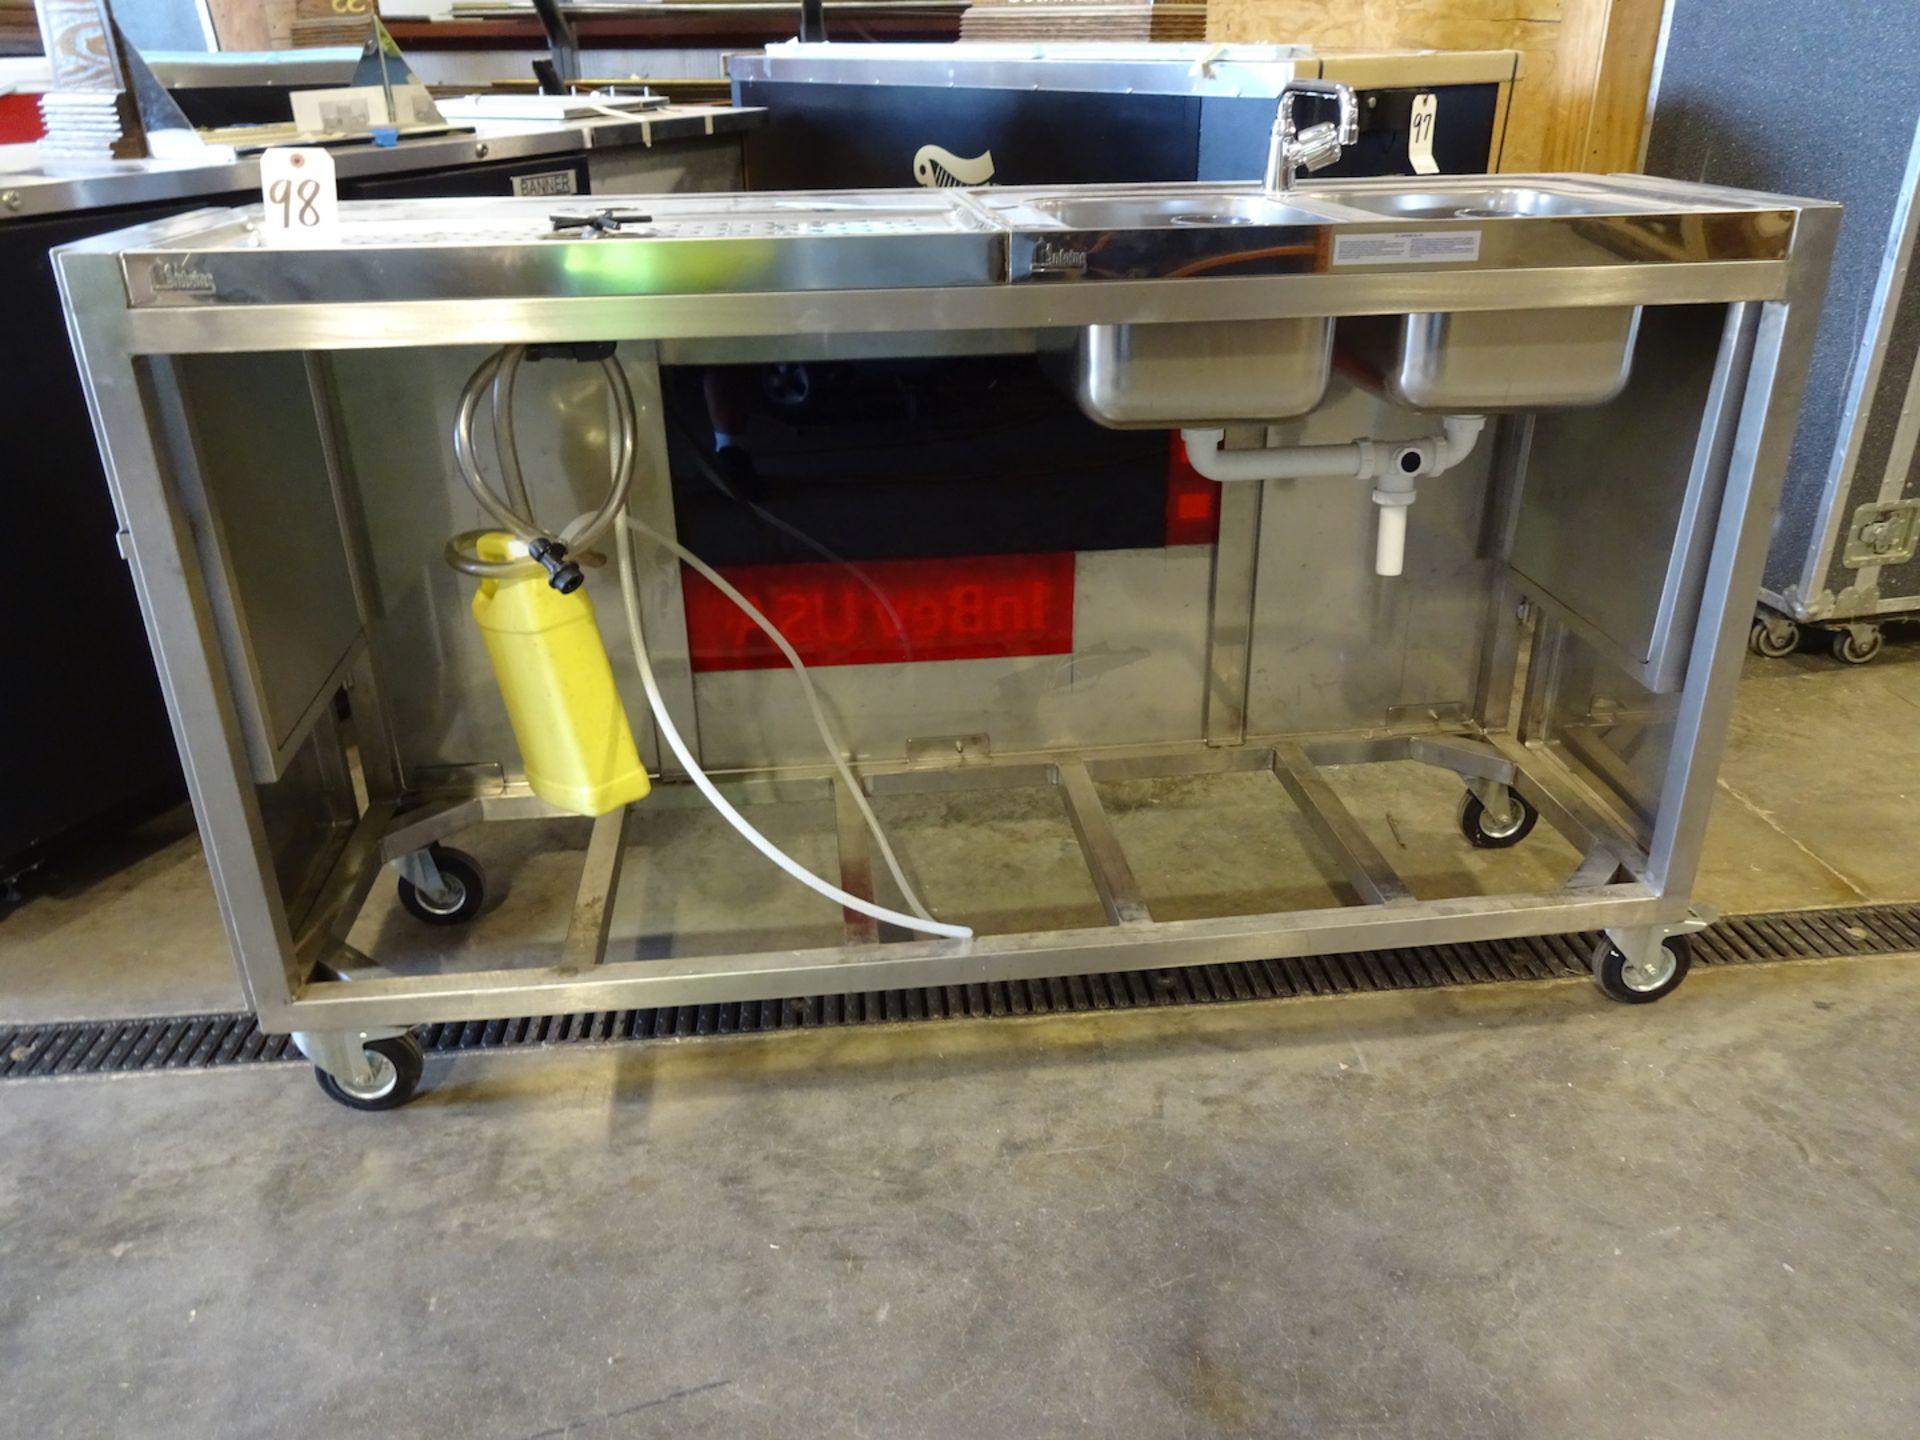 Lot 98 - InBev Draft Beer Testing/Pouring Station